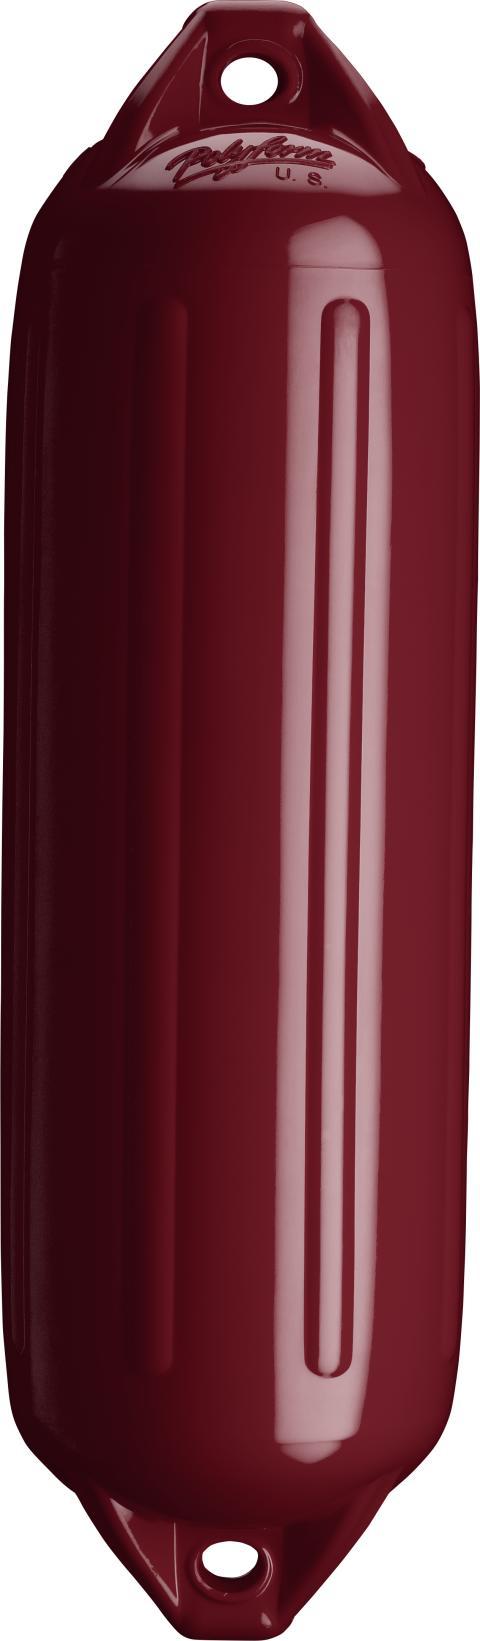 Polyform US : NF-fender NF4 vinröd